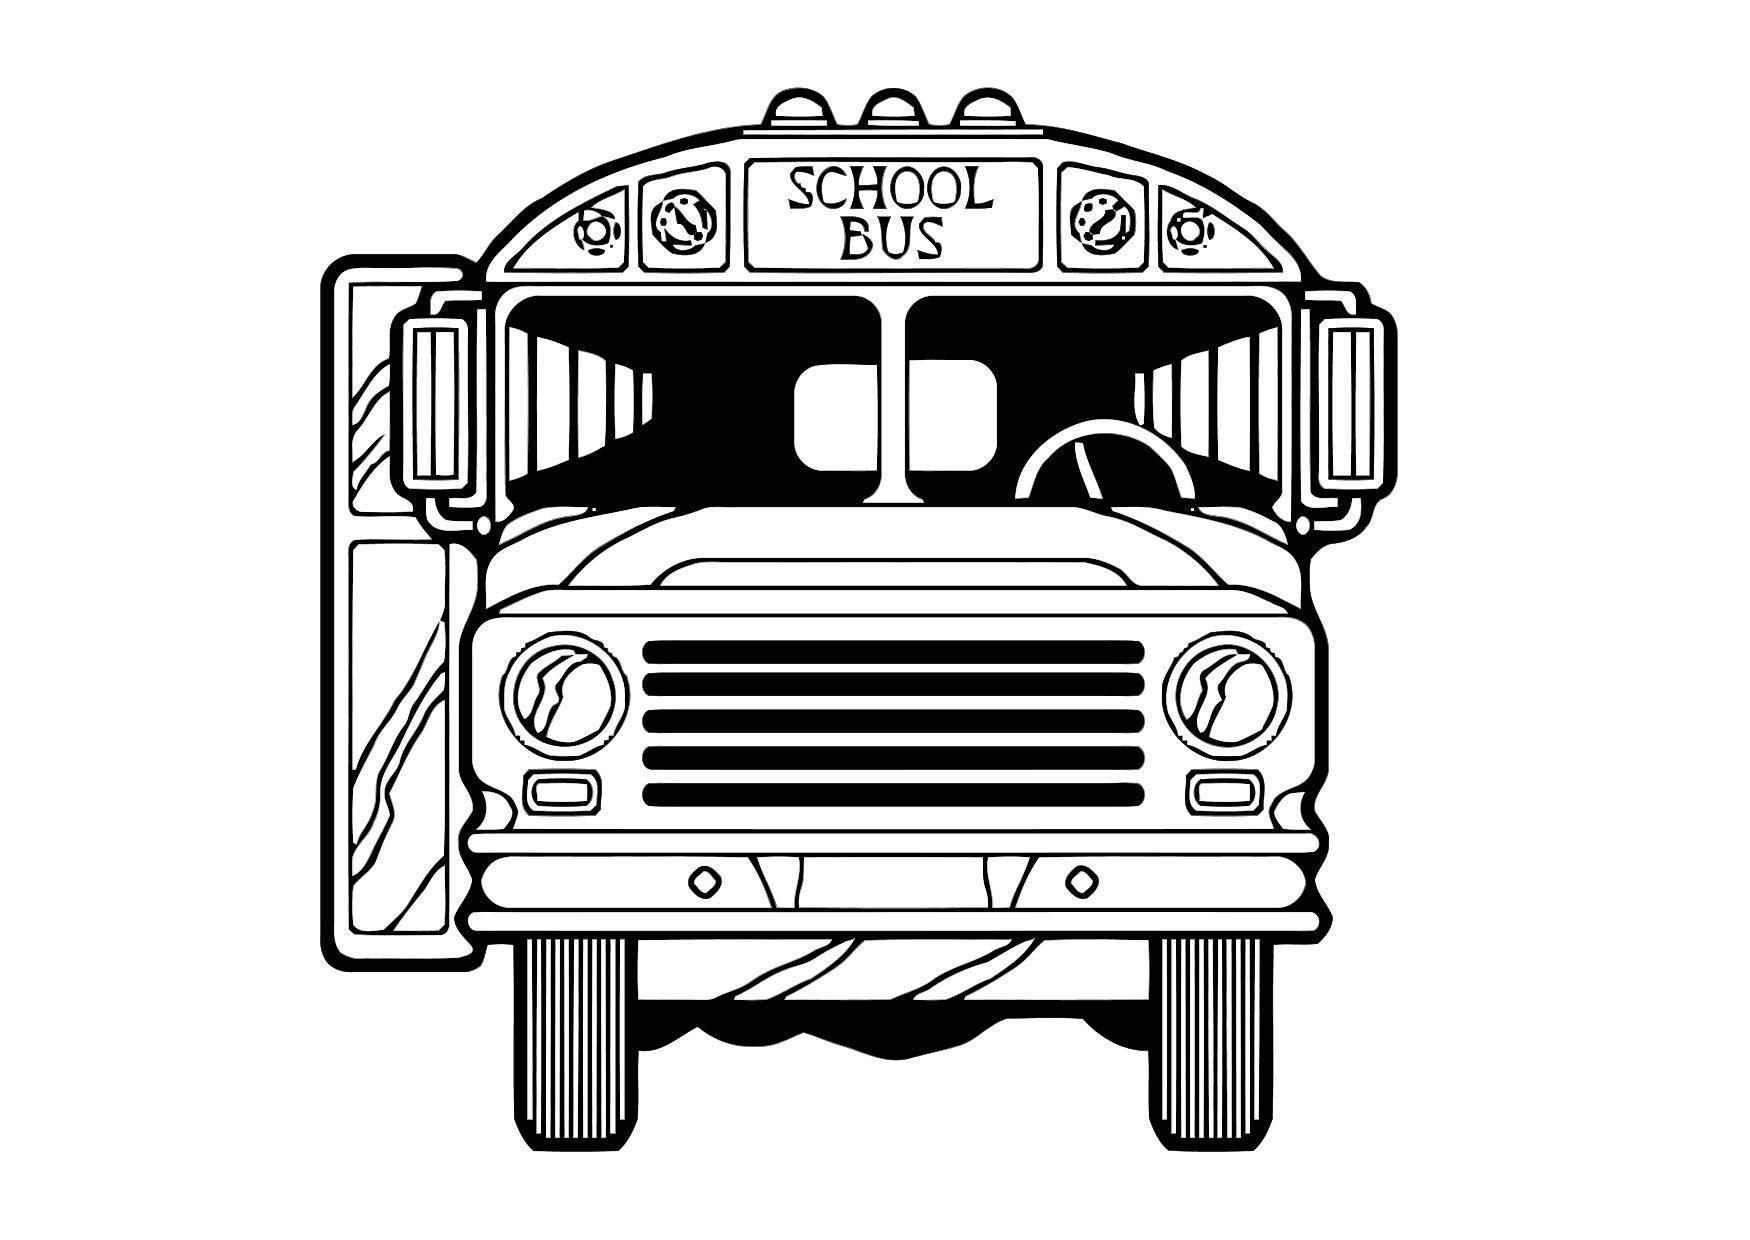 Malvorlage Bus - Kostenlose Ausmalbilder Zum Ausdrucken - Bild 19.